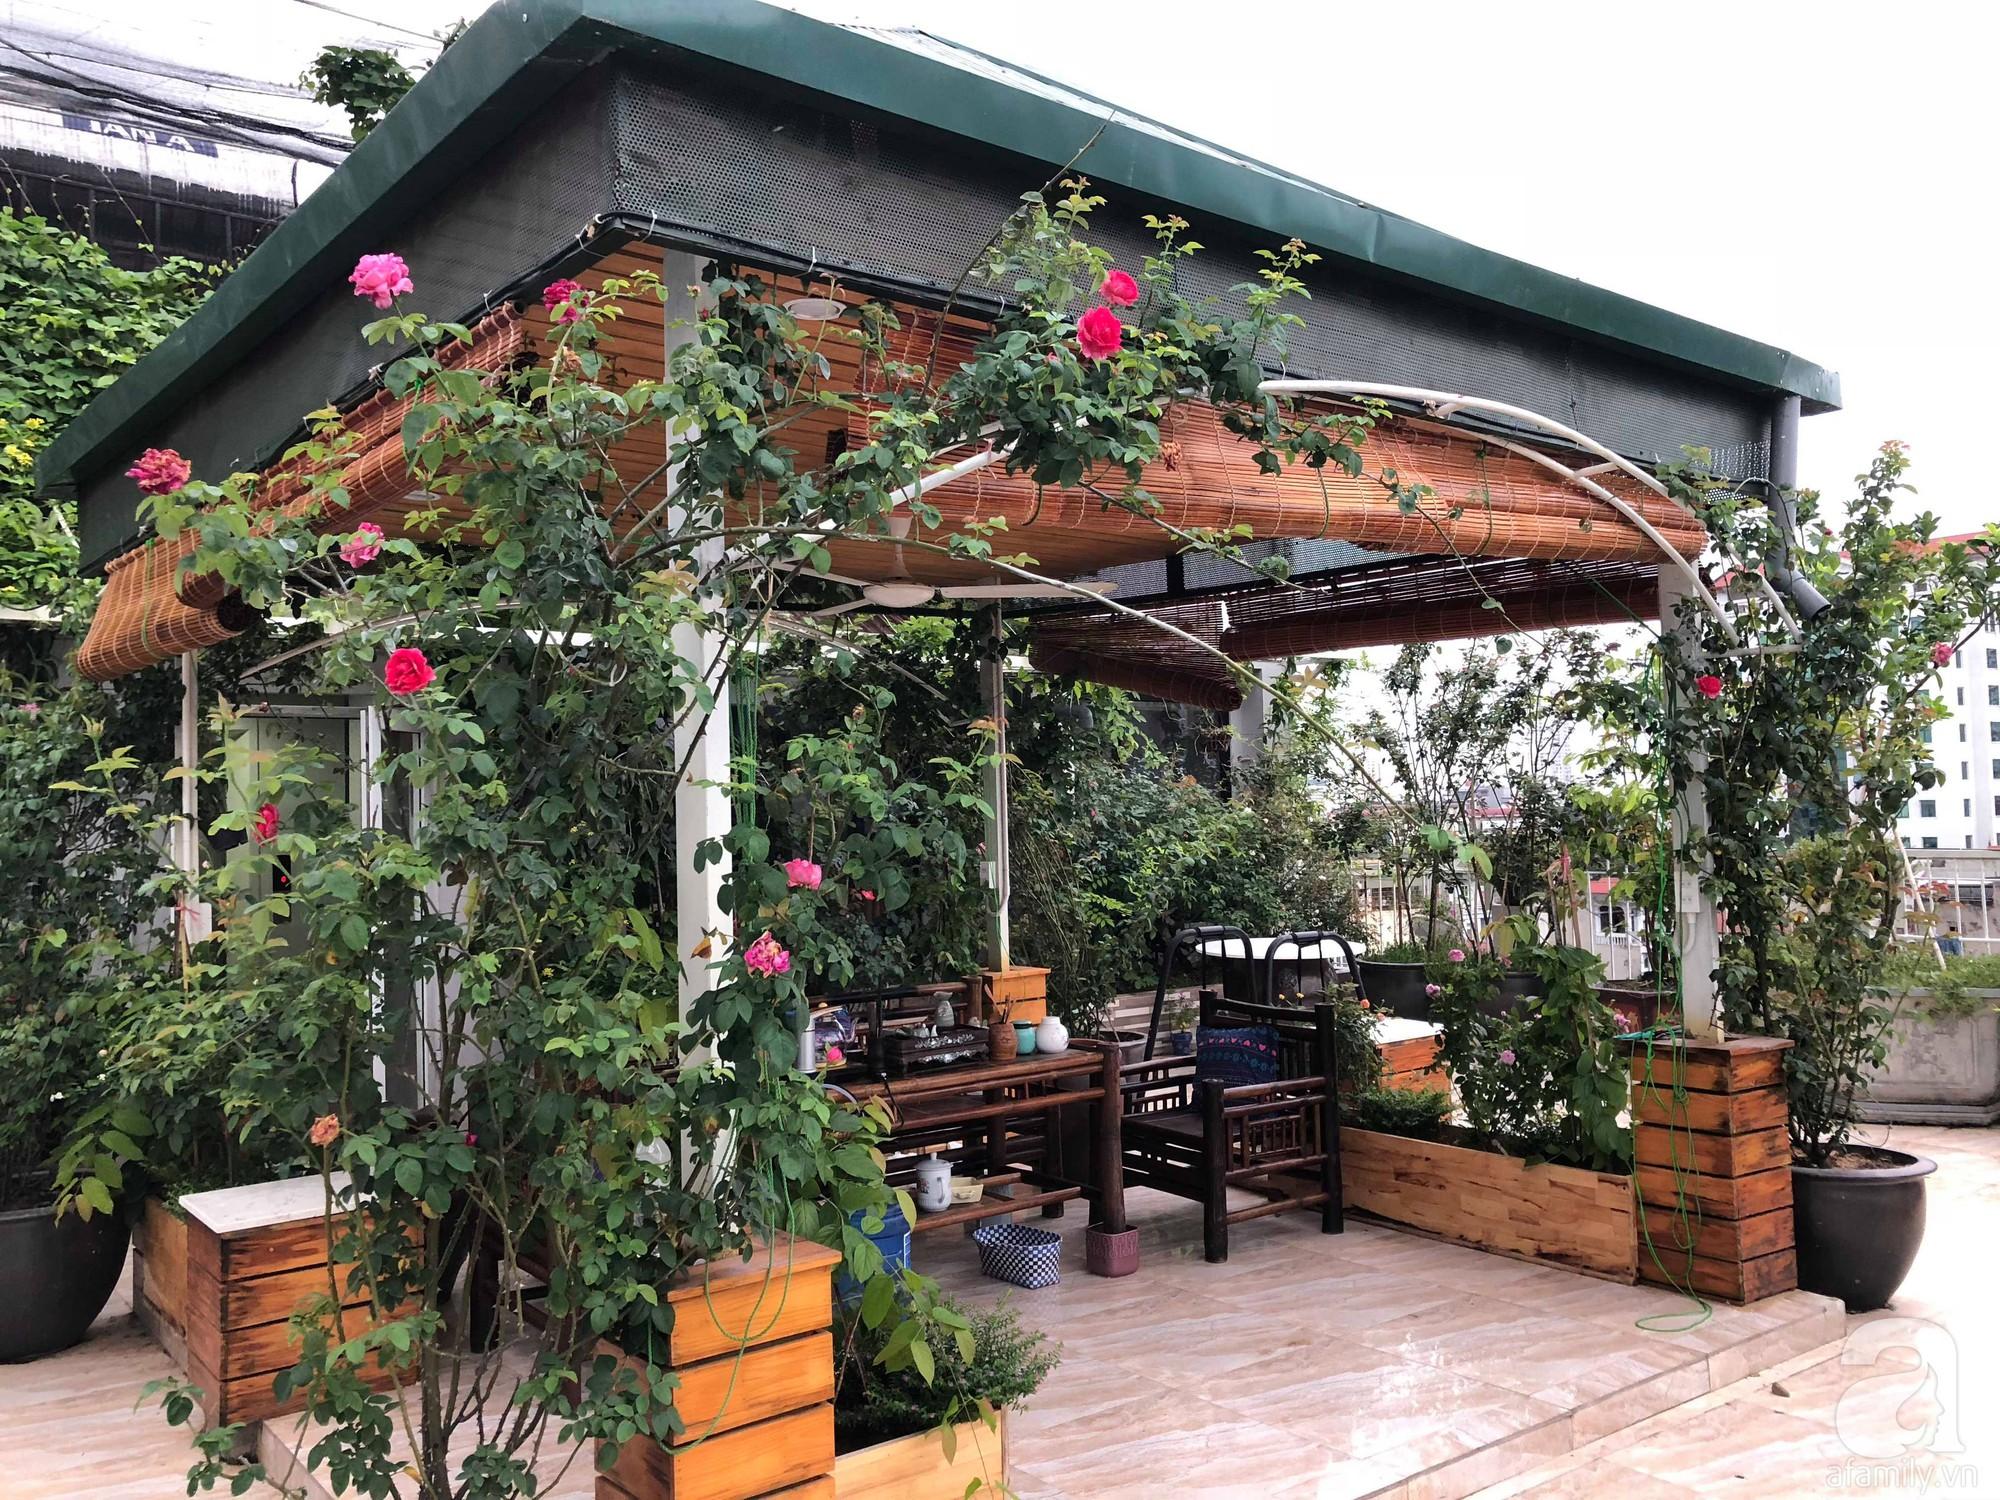 Khu vườn trên sân thượng rộng 200m² đẹp ngỡ ngàng với trăm loài hoa đua nhau khoe sắc ở Hà Nội - 3